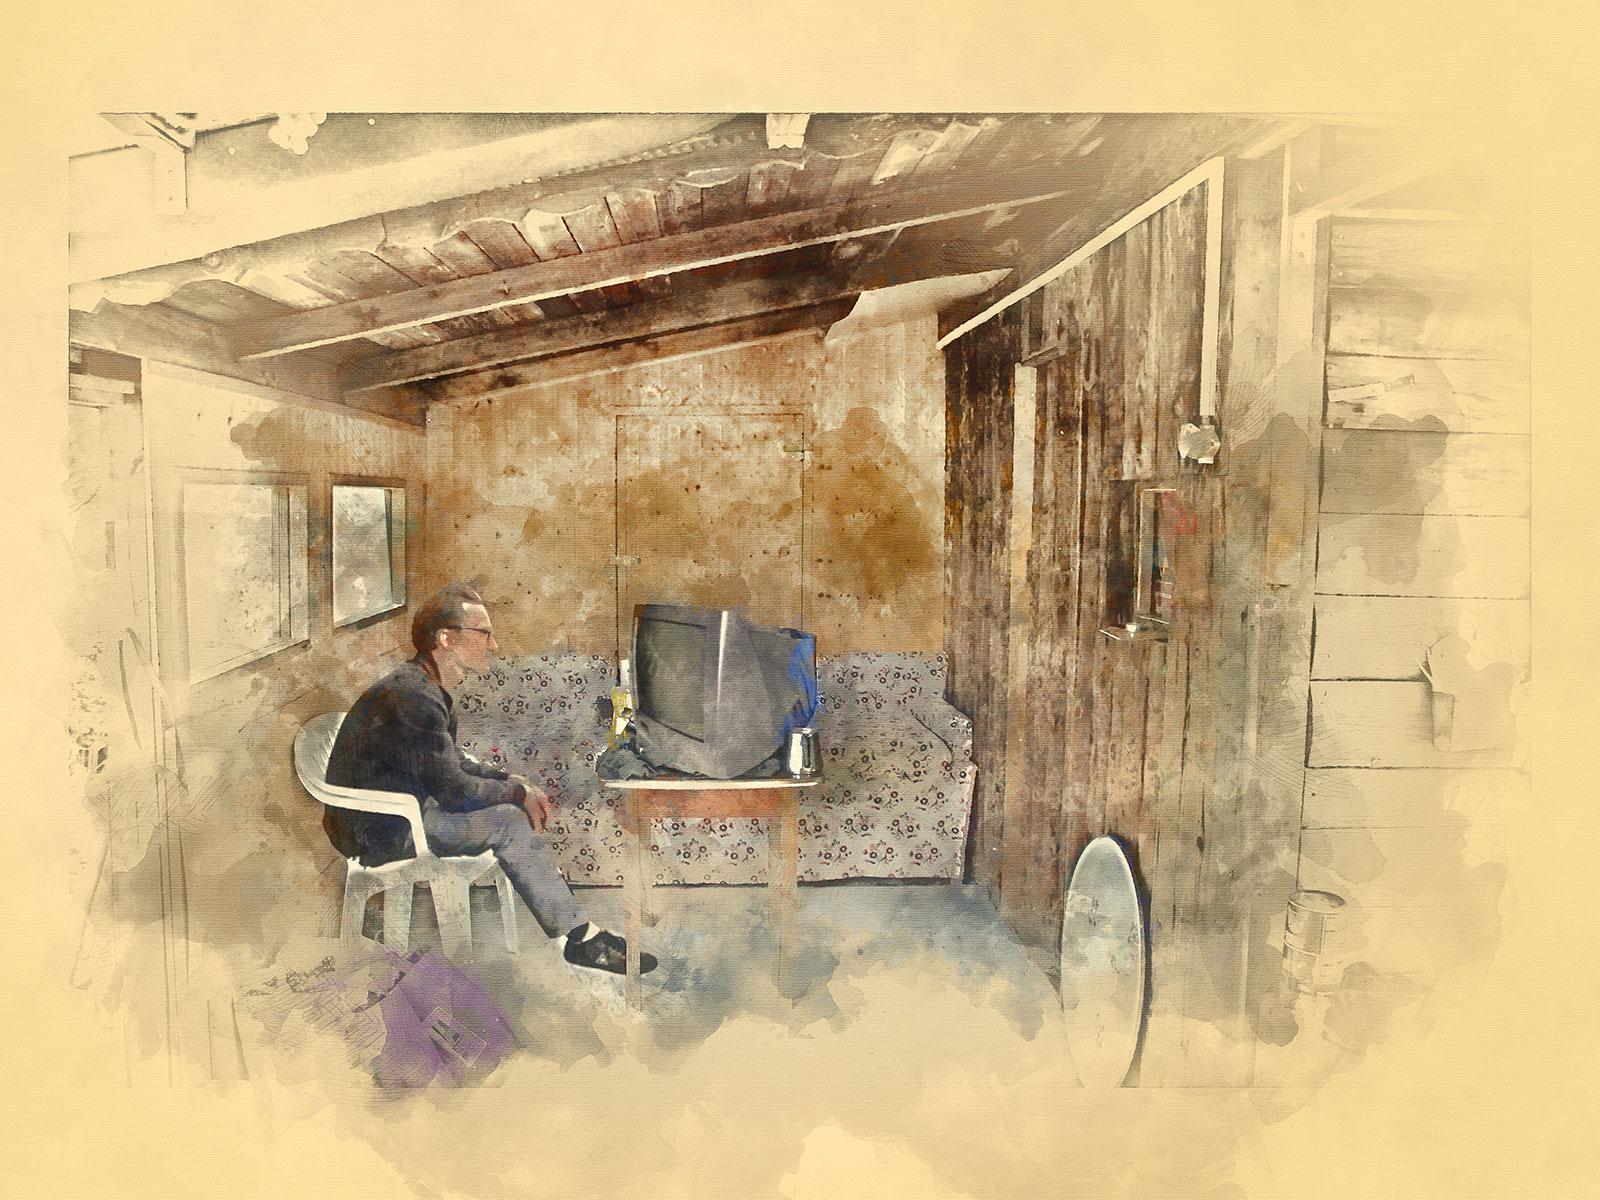 lorielle stefanie hunziker | diplom 2016, hgk fhnw, Innenarchitektur ideen